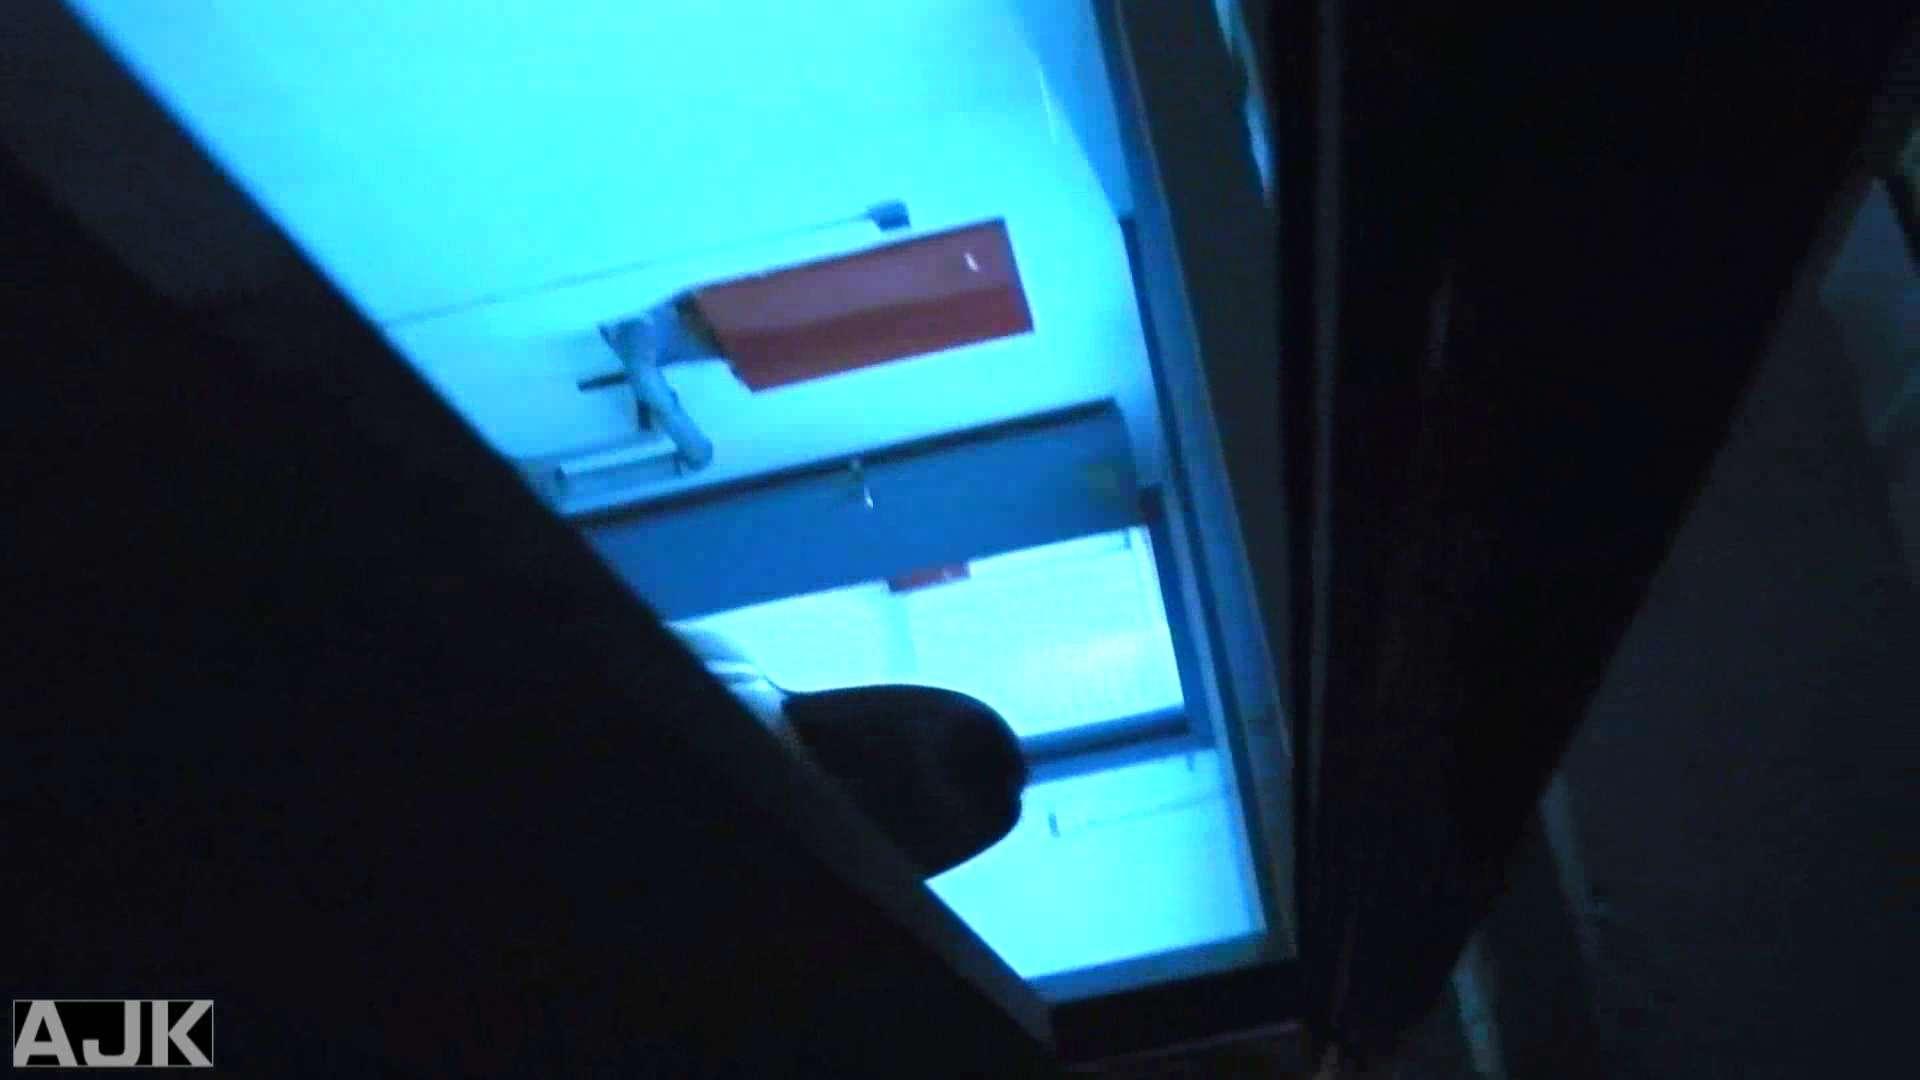 神降臨!史上最強の潜入かわや! vol.23 美しいOLの裸体 オメコ無修正動画無料 96pic 30